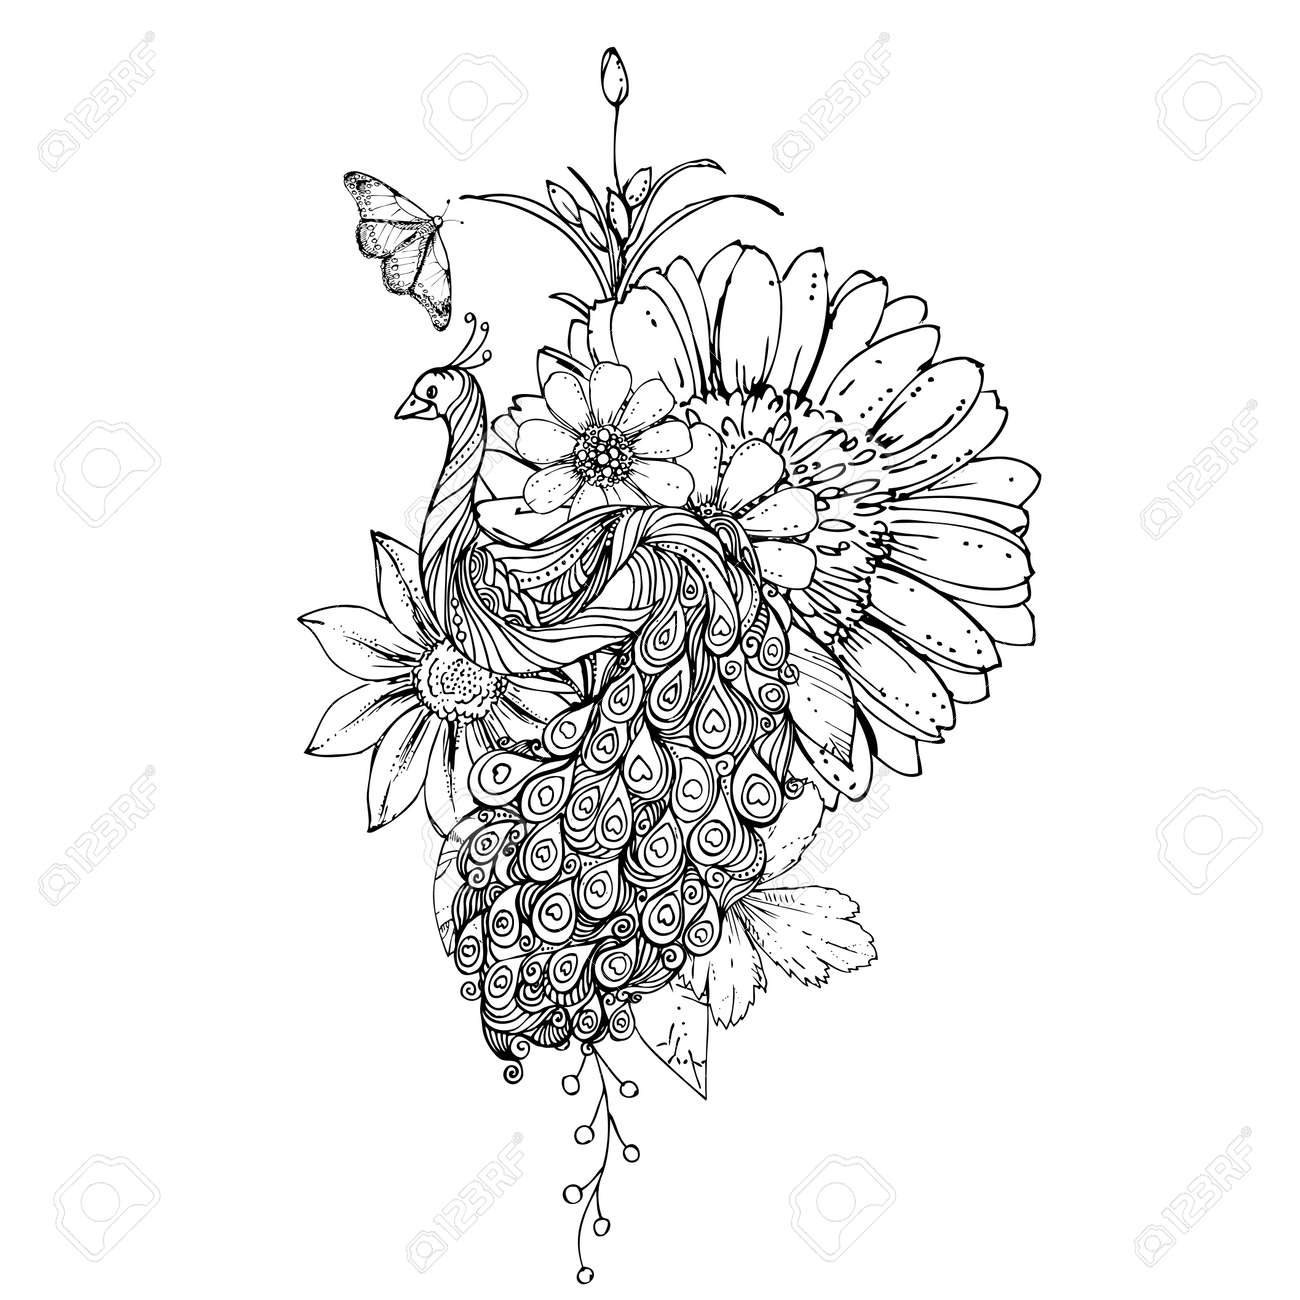 Tinte Doodle Pfau Und Blumen Auf Weißem Hintergrund Ausmalbilder